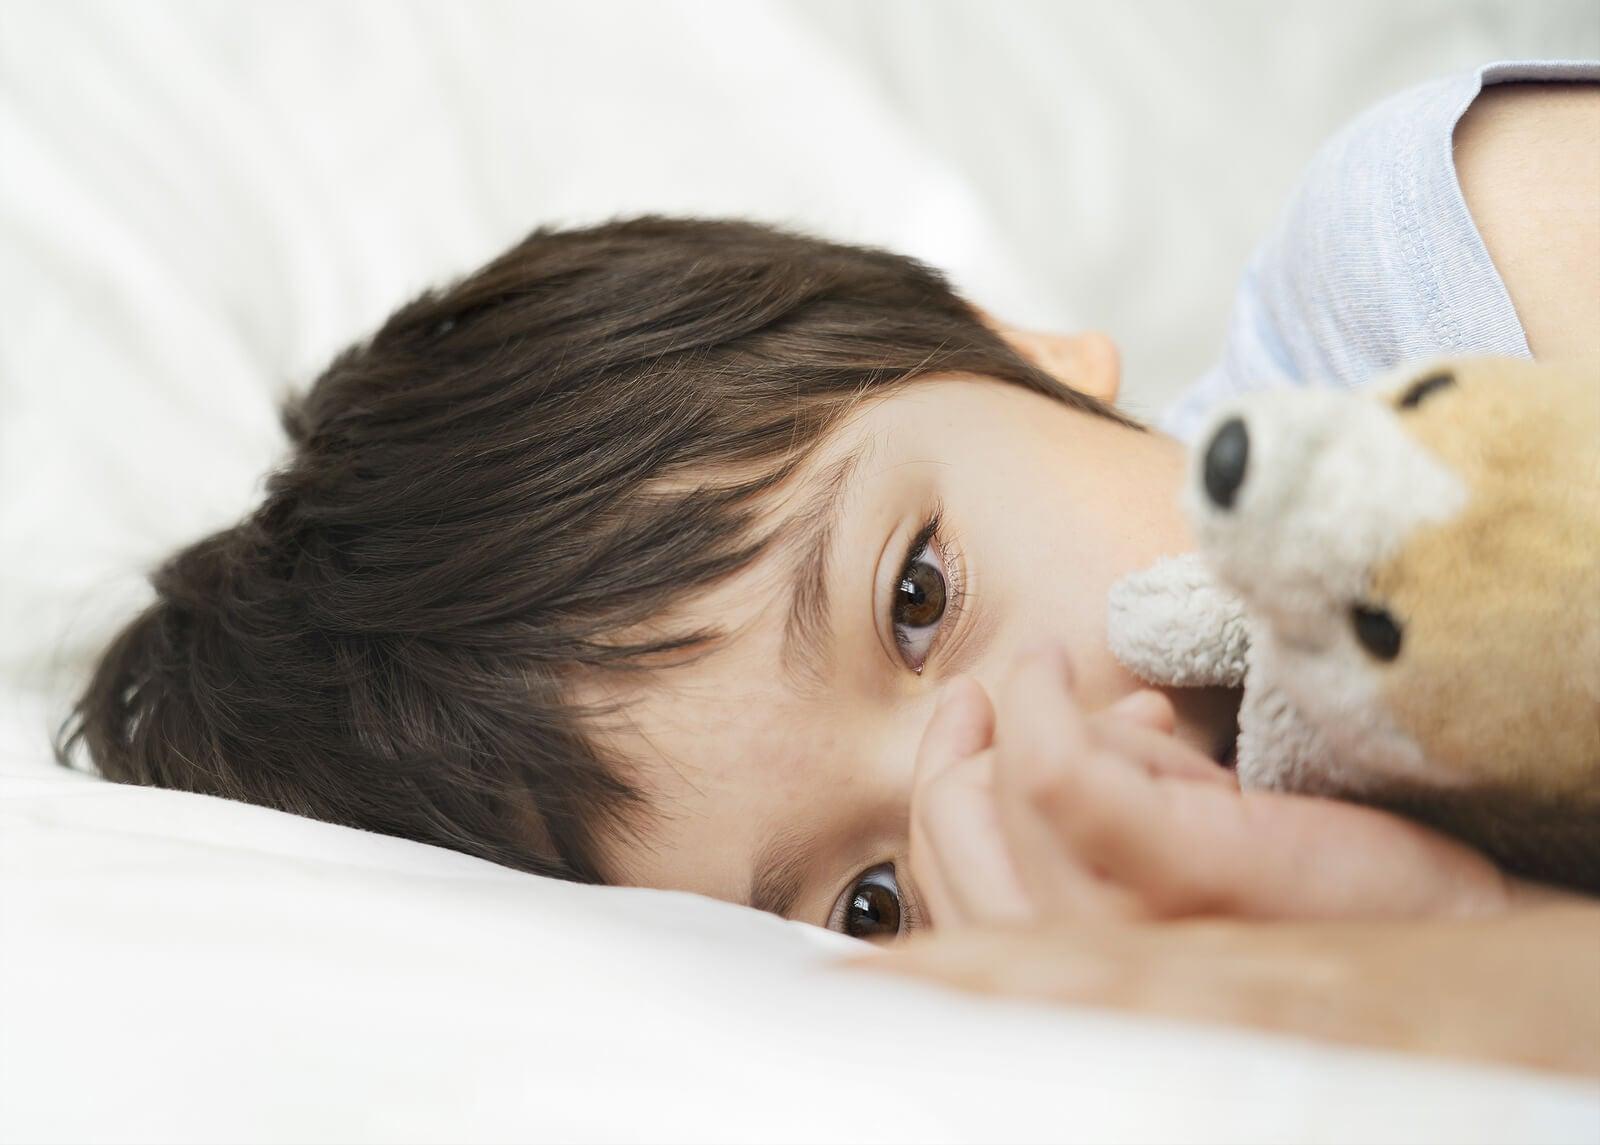 Con abrazado a su osito de peluche porque no puede dormir bien.